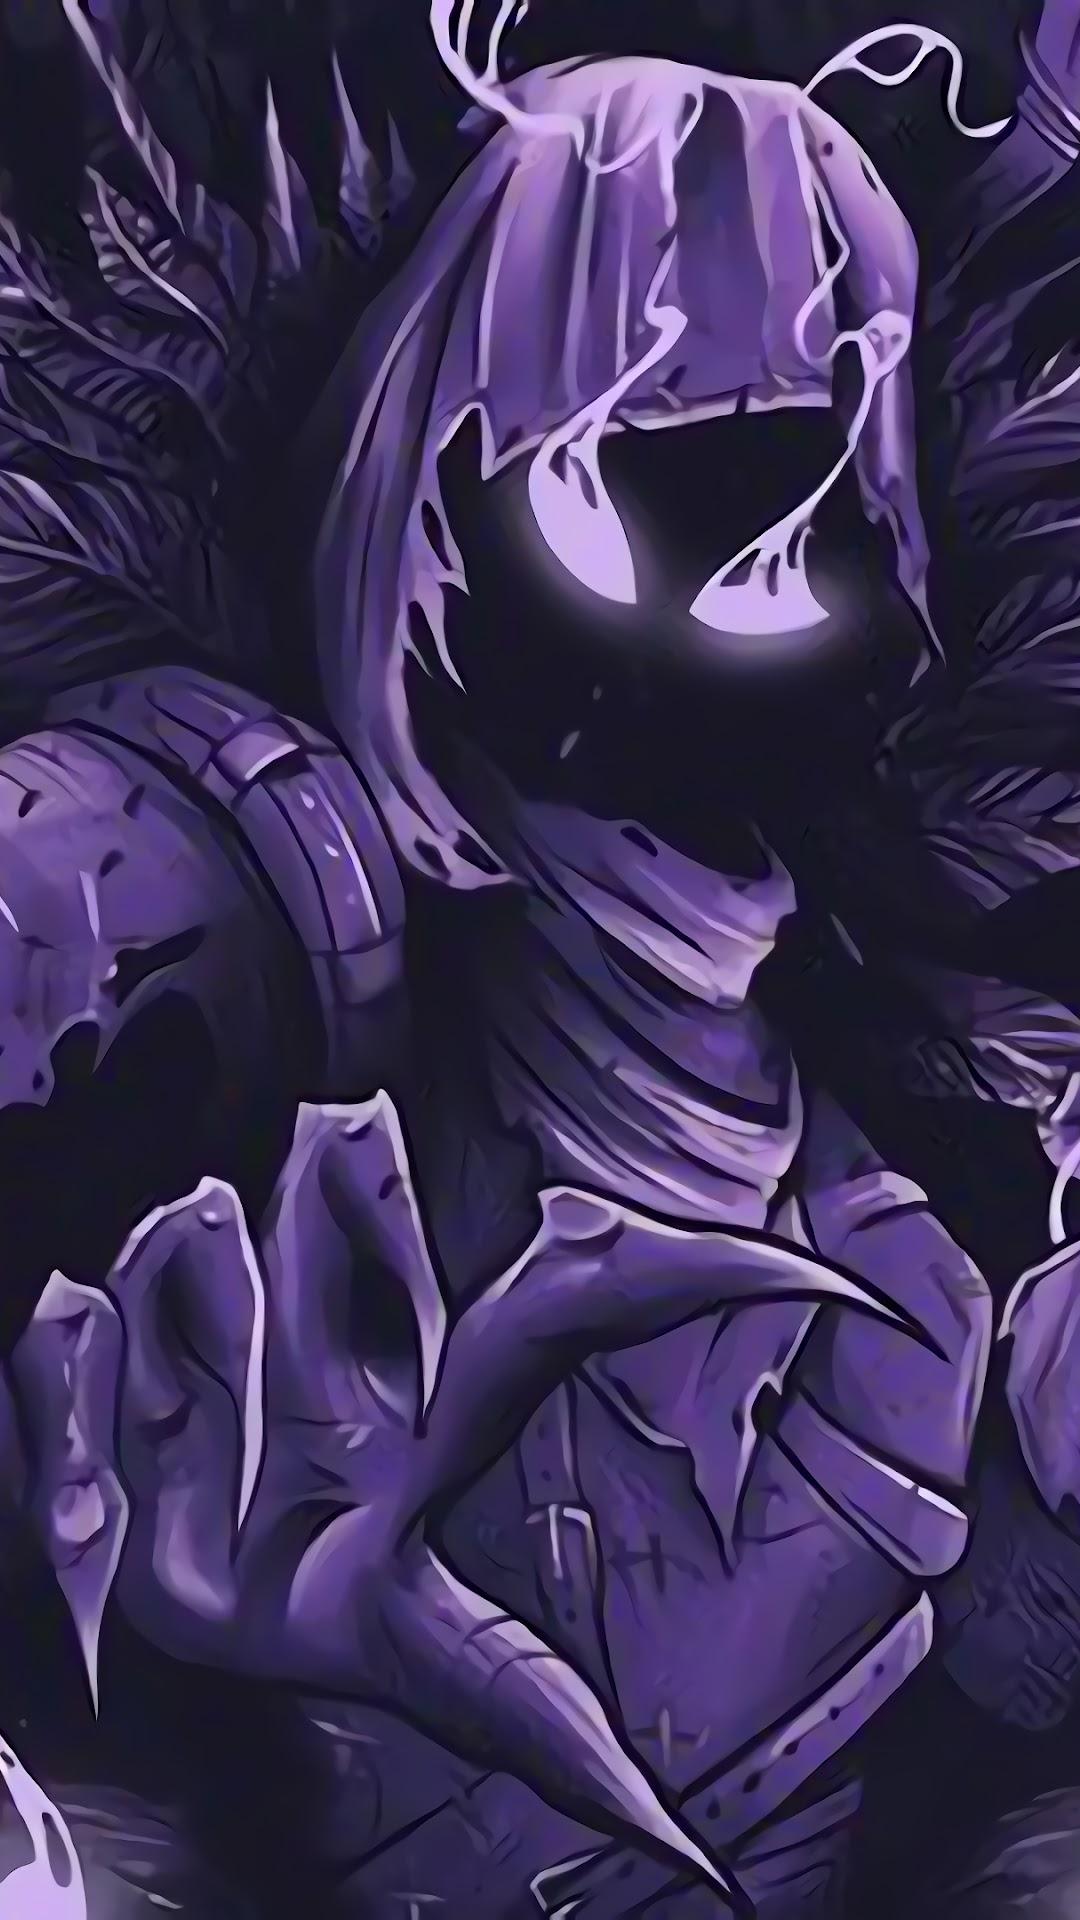 Raven Fortnite Battle Royale 4k Wallpaper 2